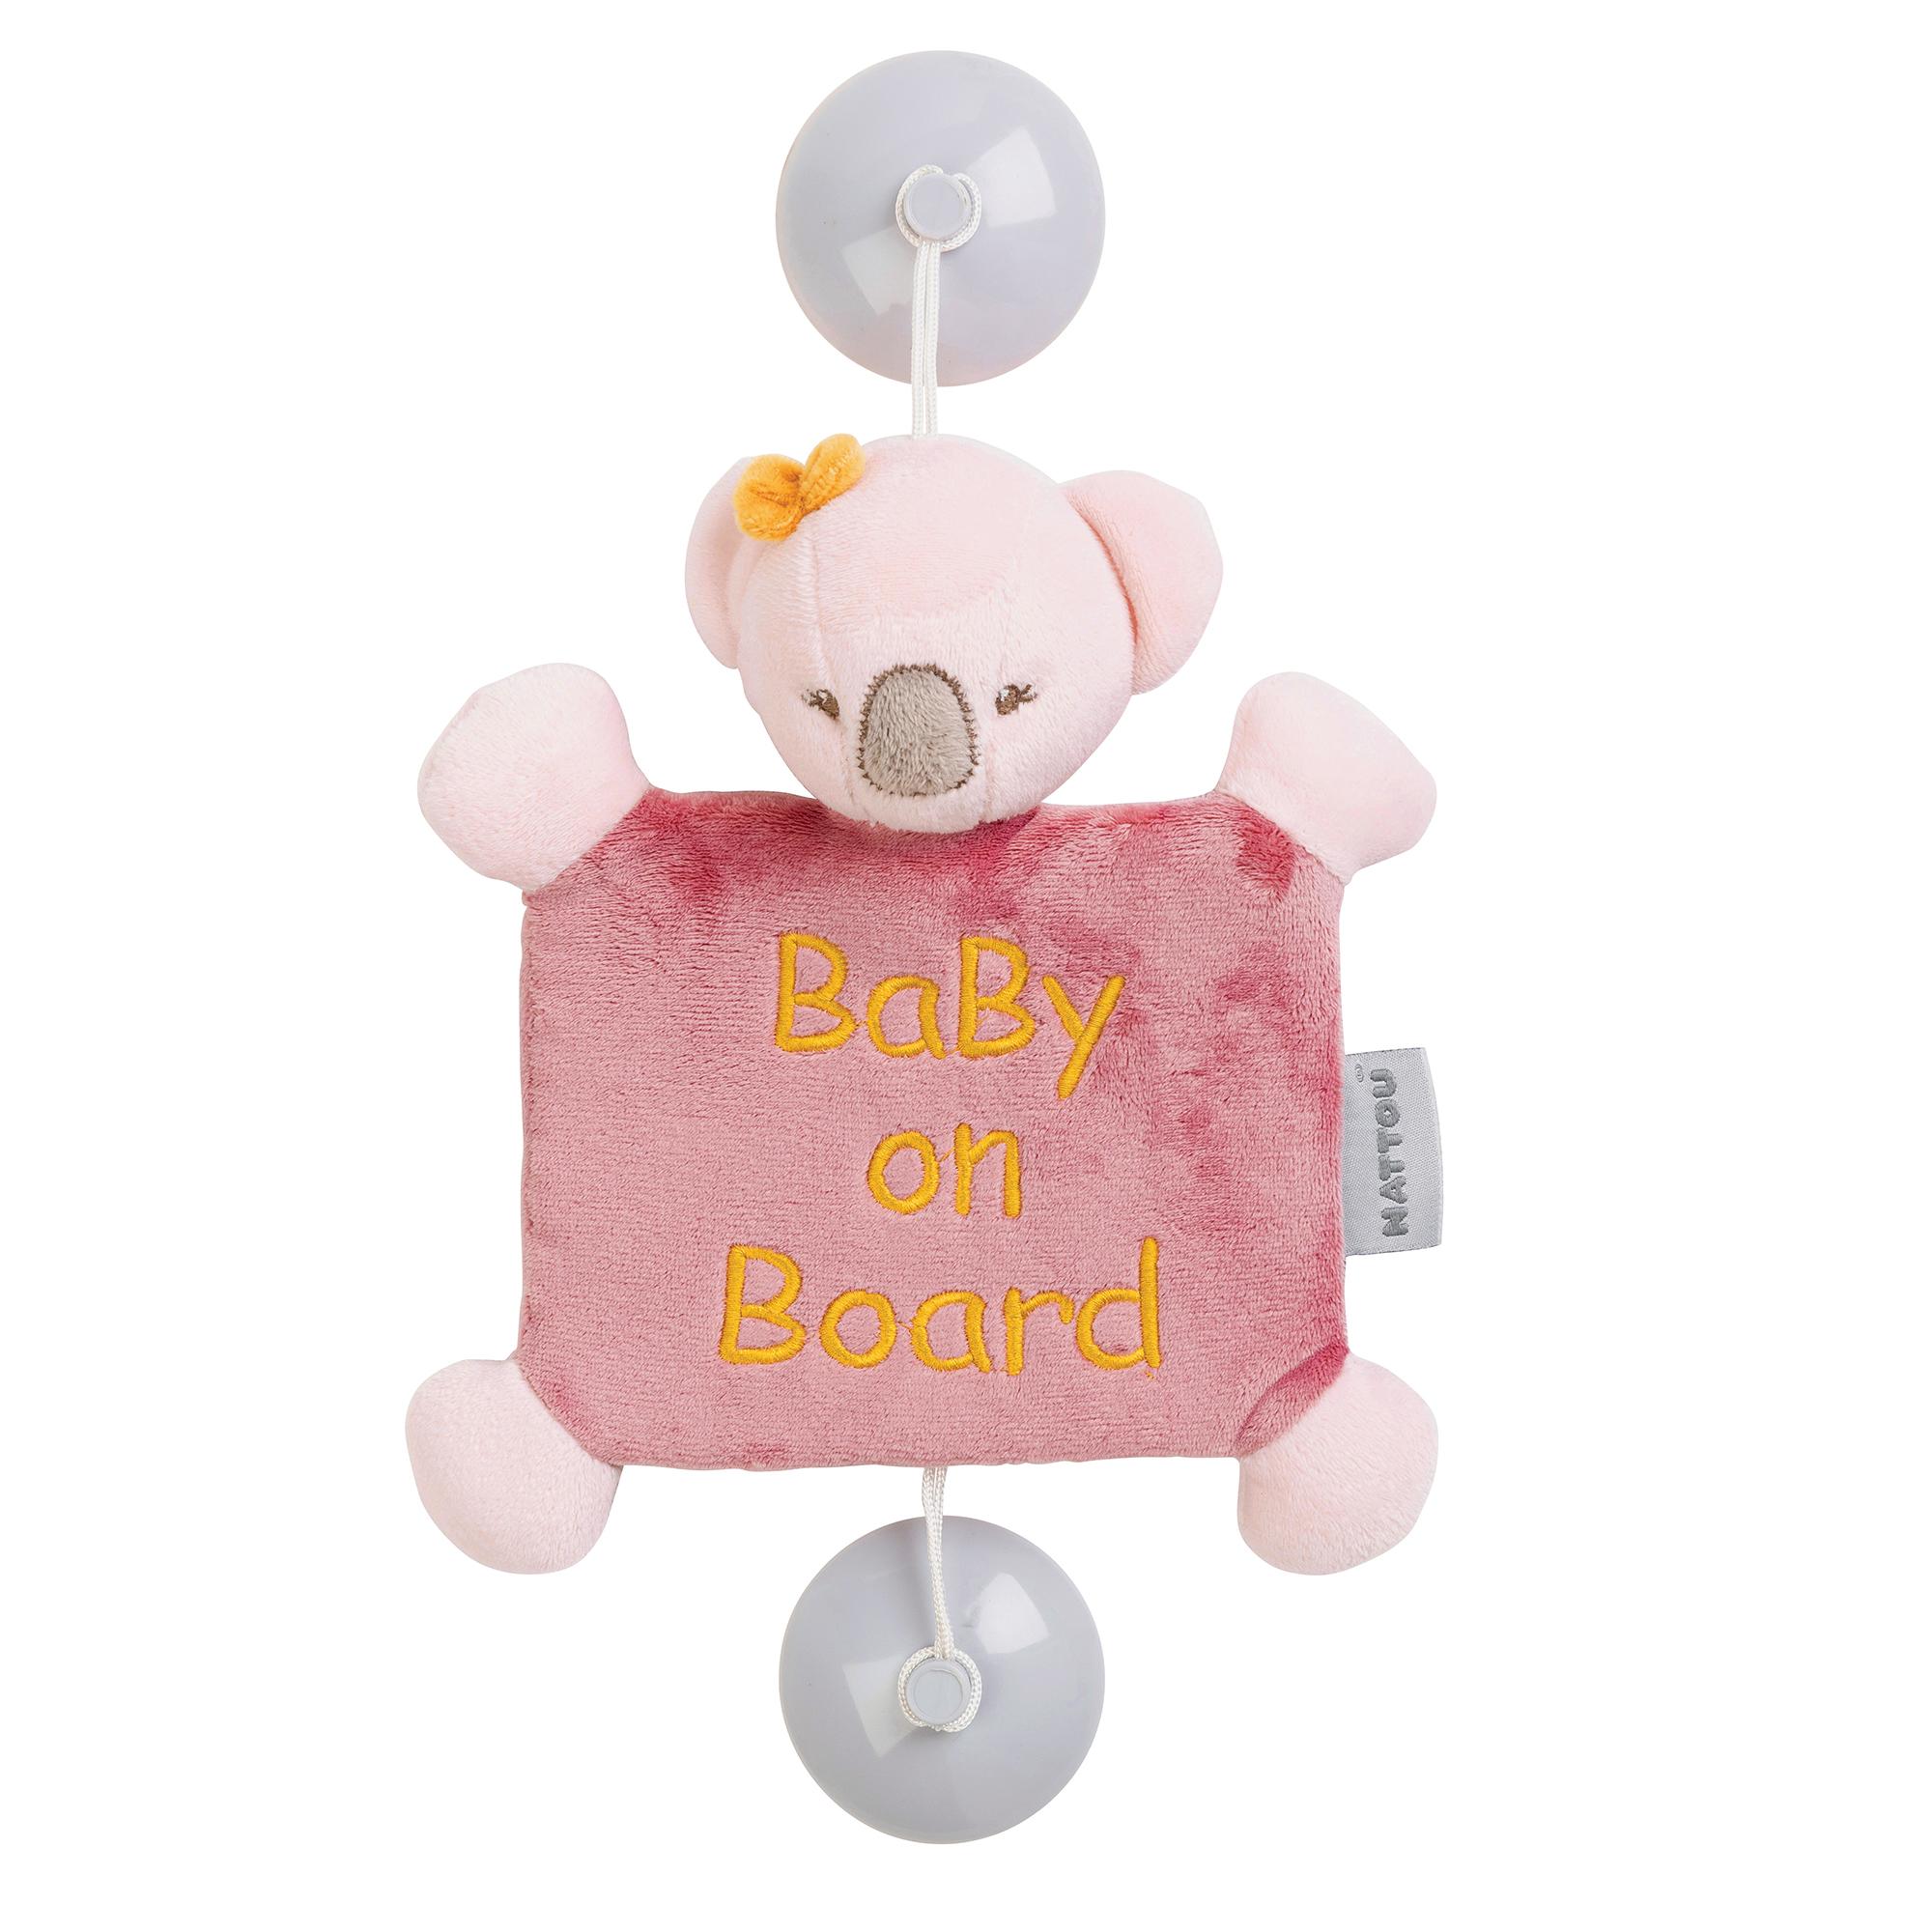 IRIS & LALI Baby on Board Iris le koala ROSE Nattou